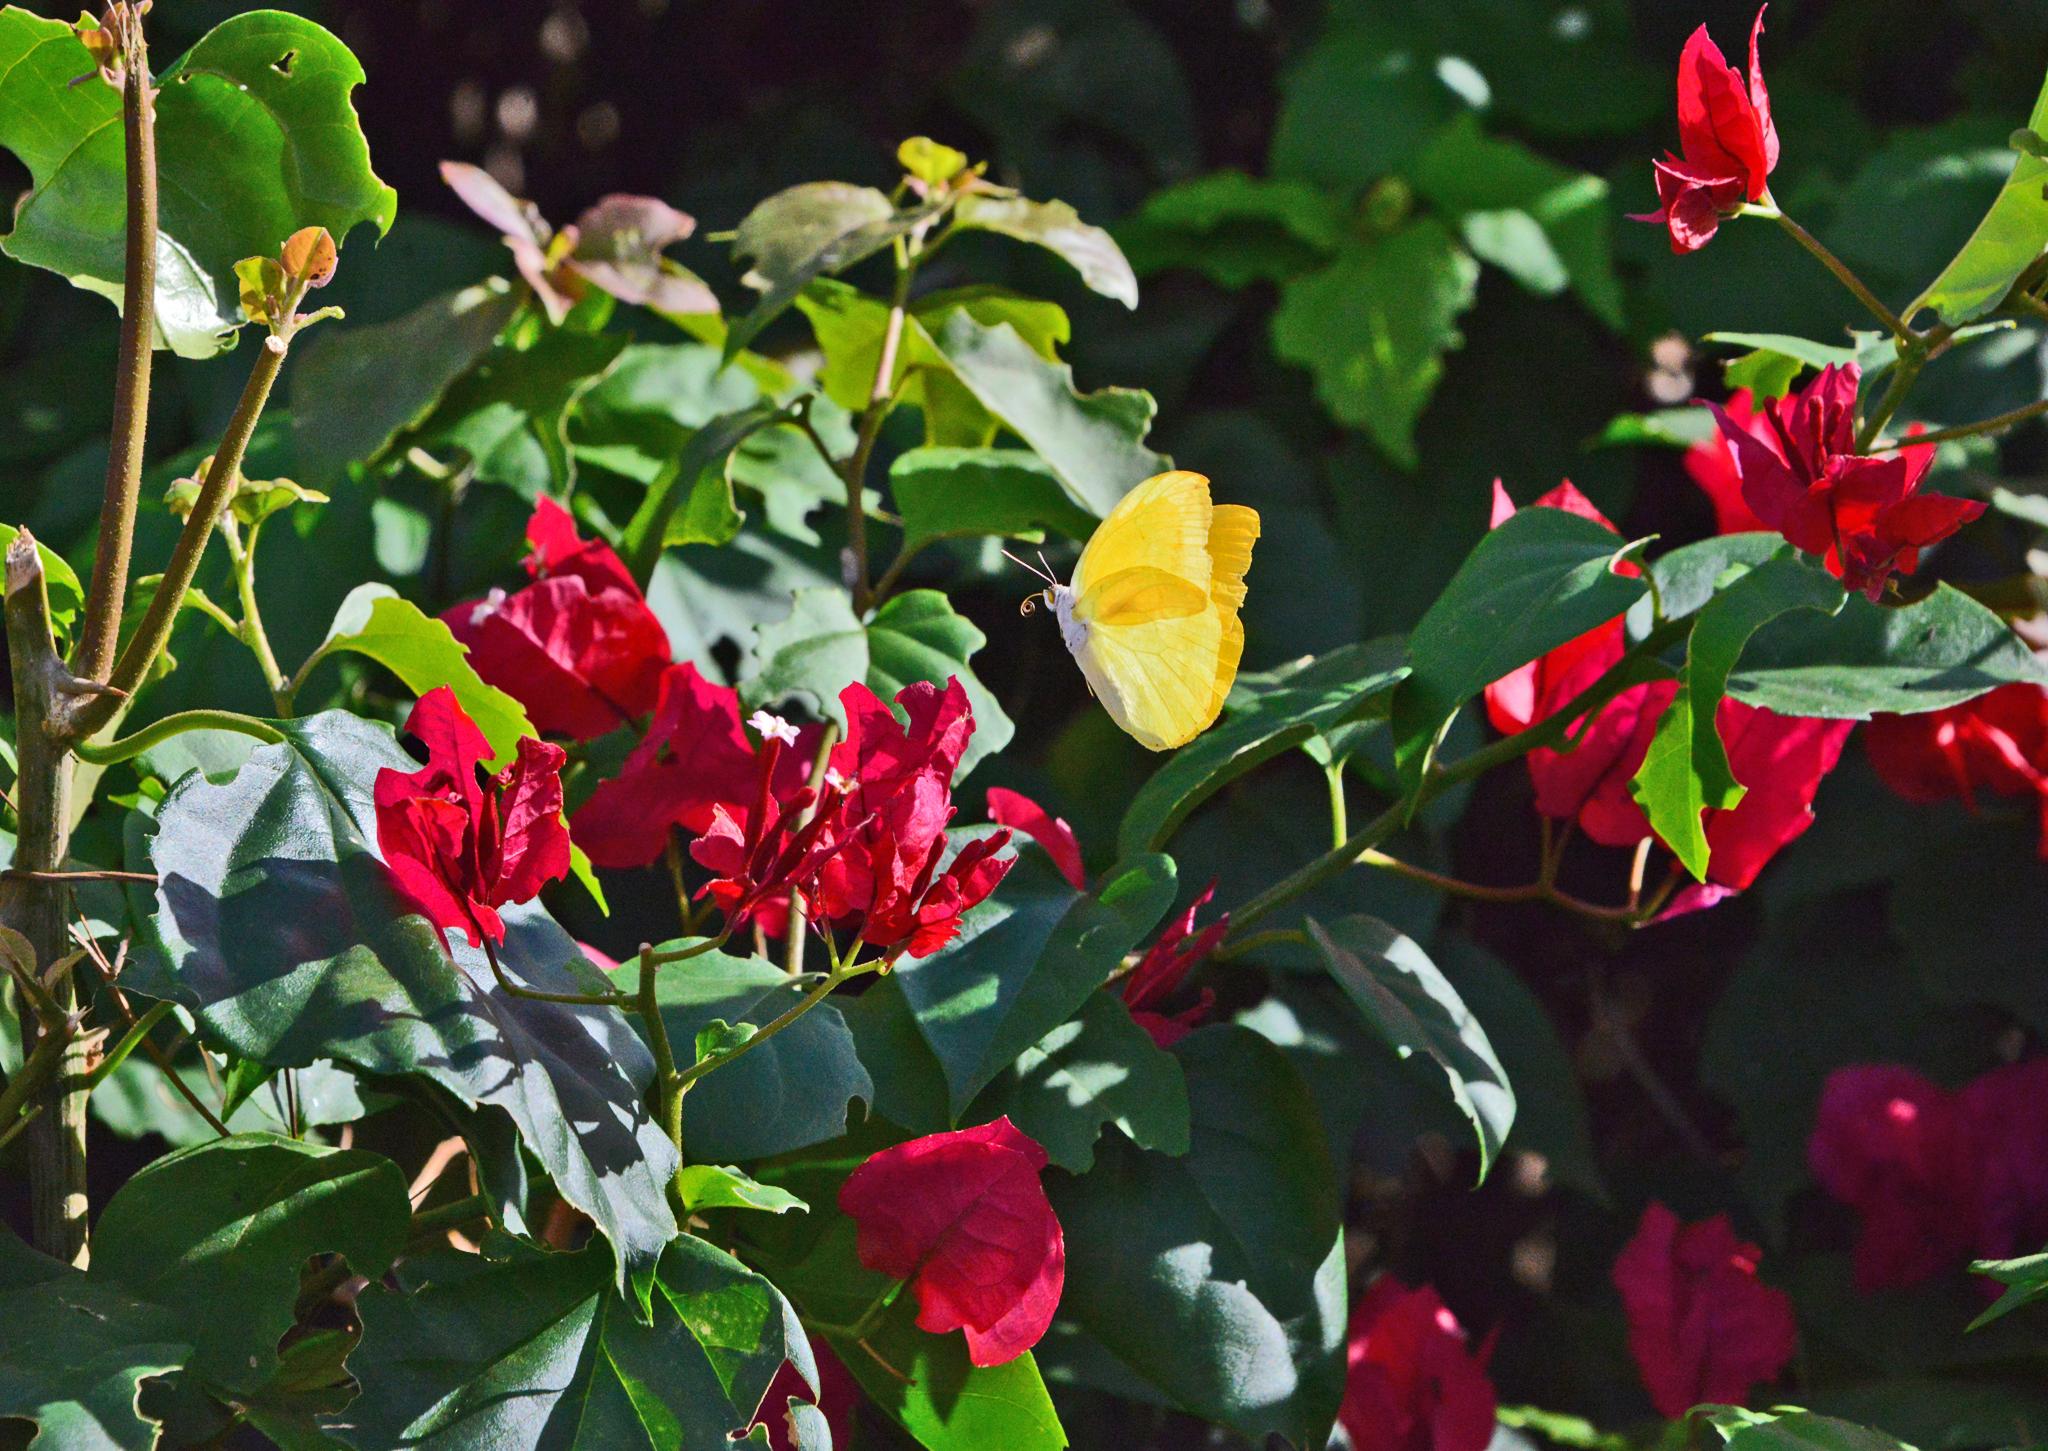 ⇑ ウスシロキチョウ若しくはその仲間 模様が全く無くシンプルだが黄色が本当に綺麗